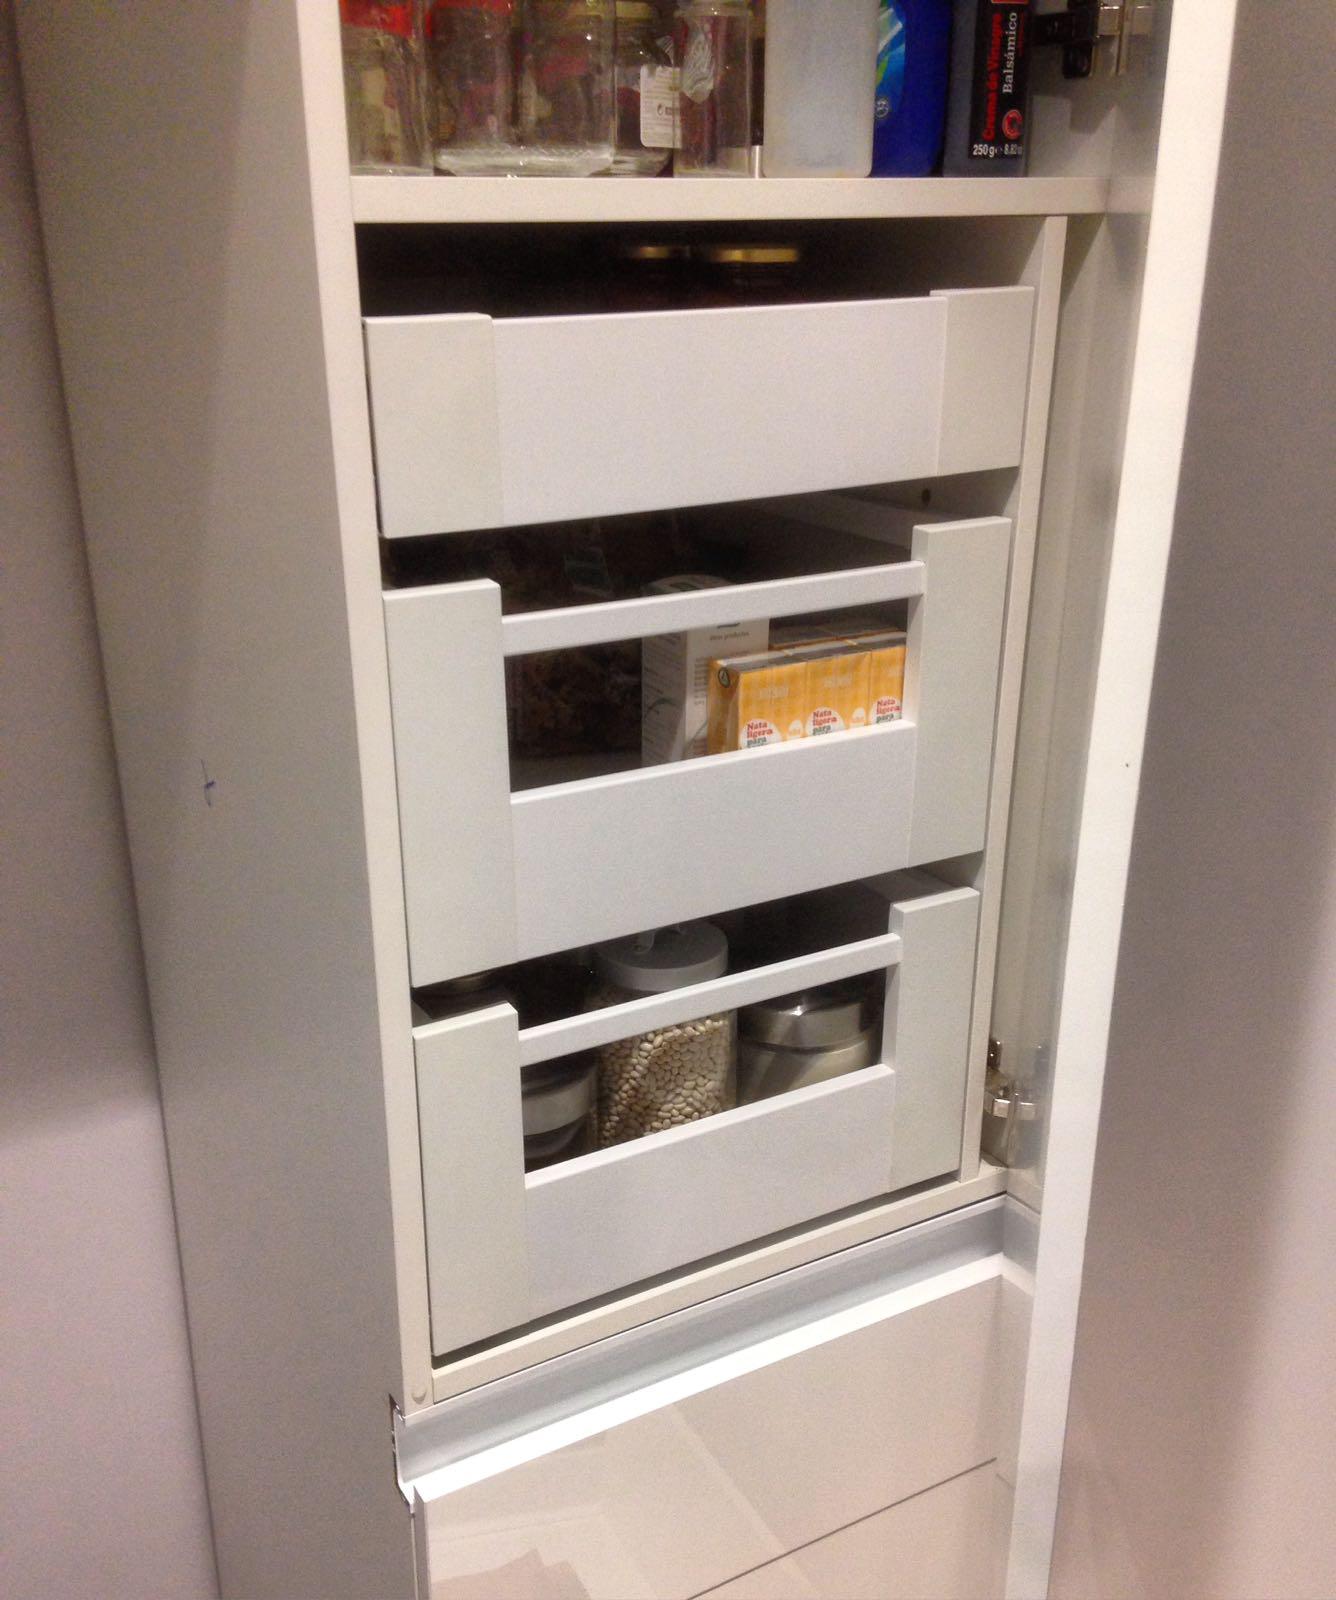 Promida calaixos interior moble cuina